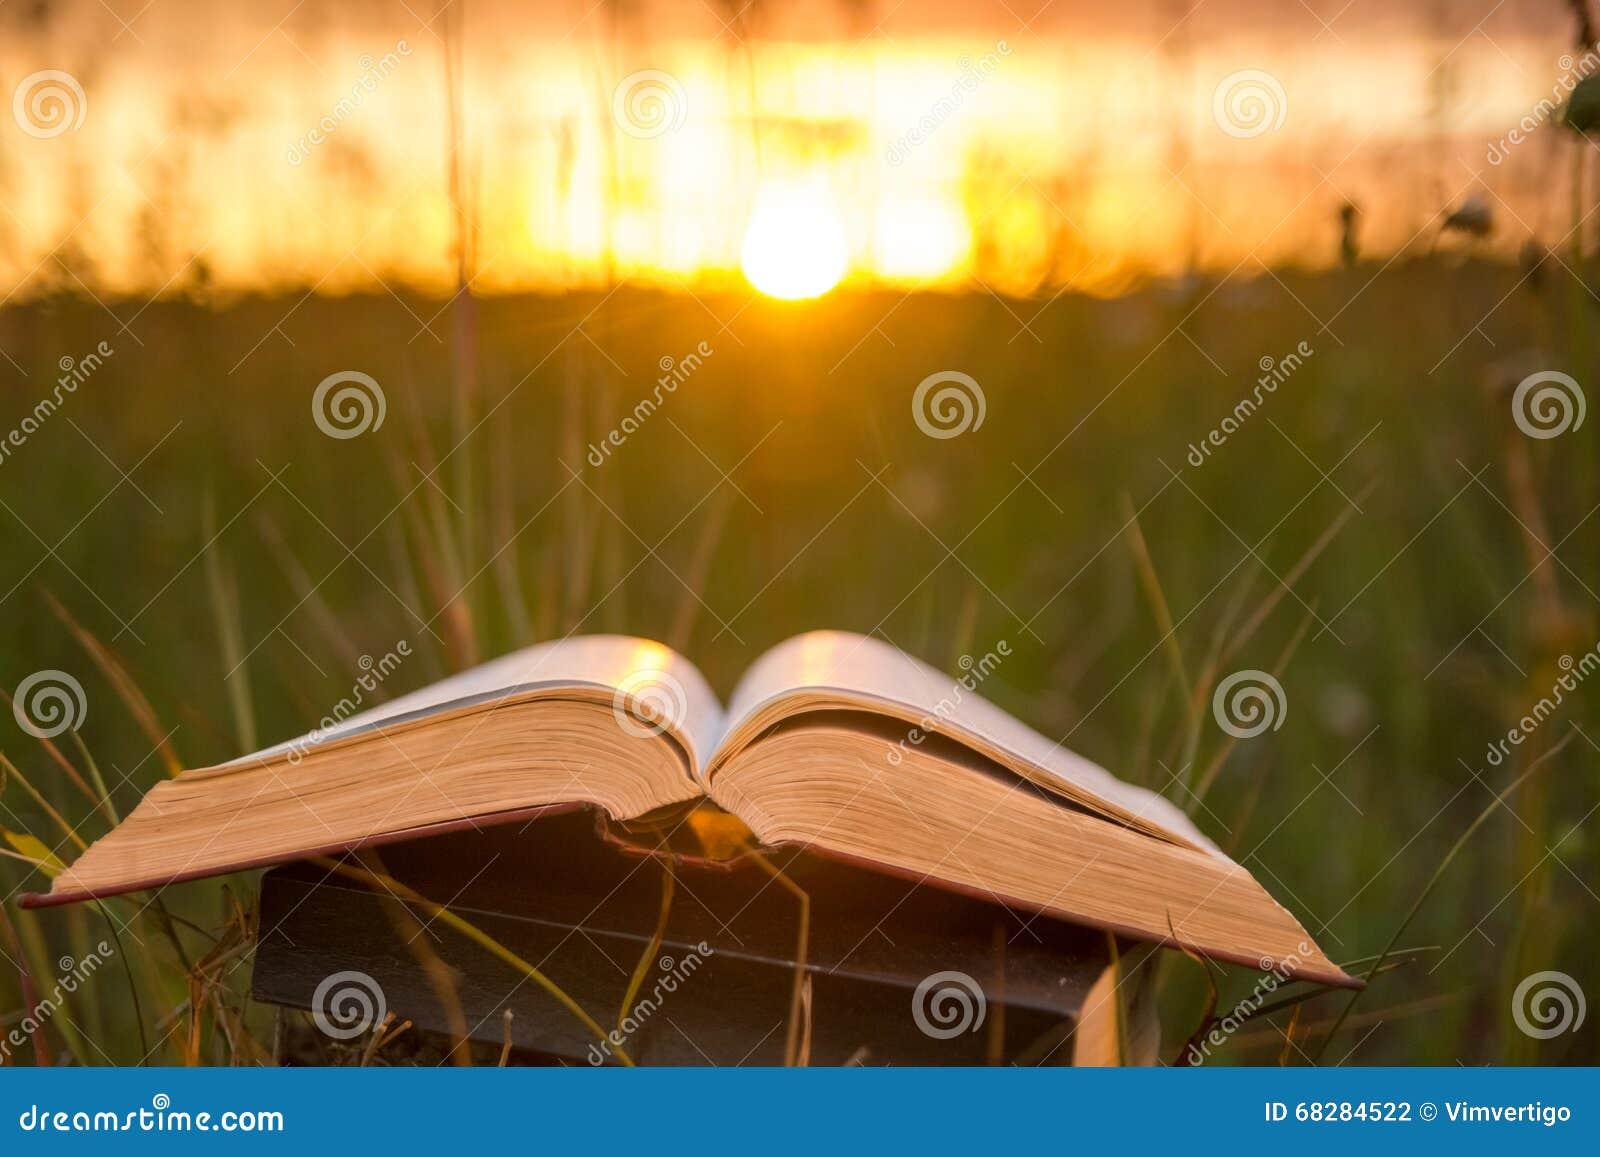 O diário aberto do livro do livro encadernado, páginas ventiladas na natureza borrada aterra